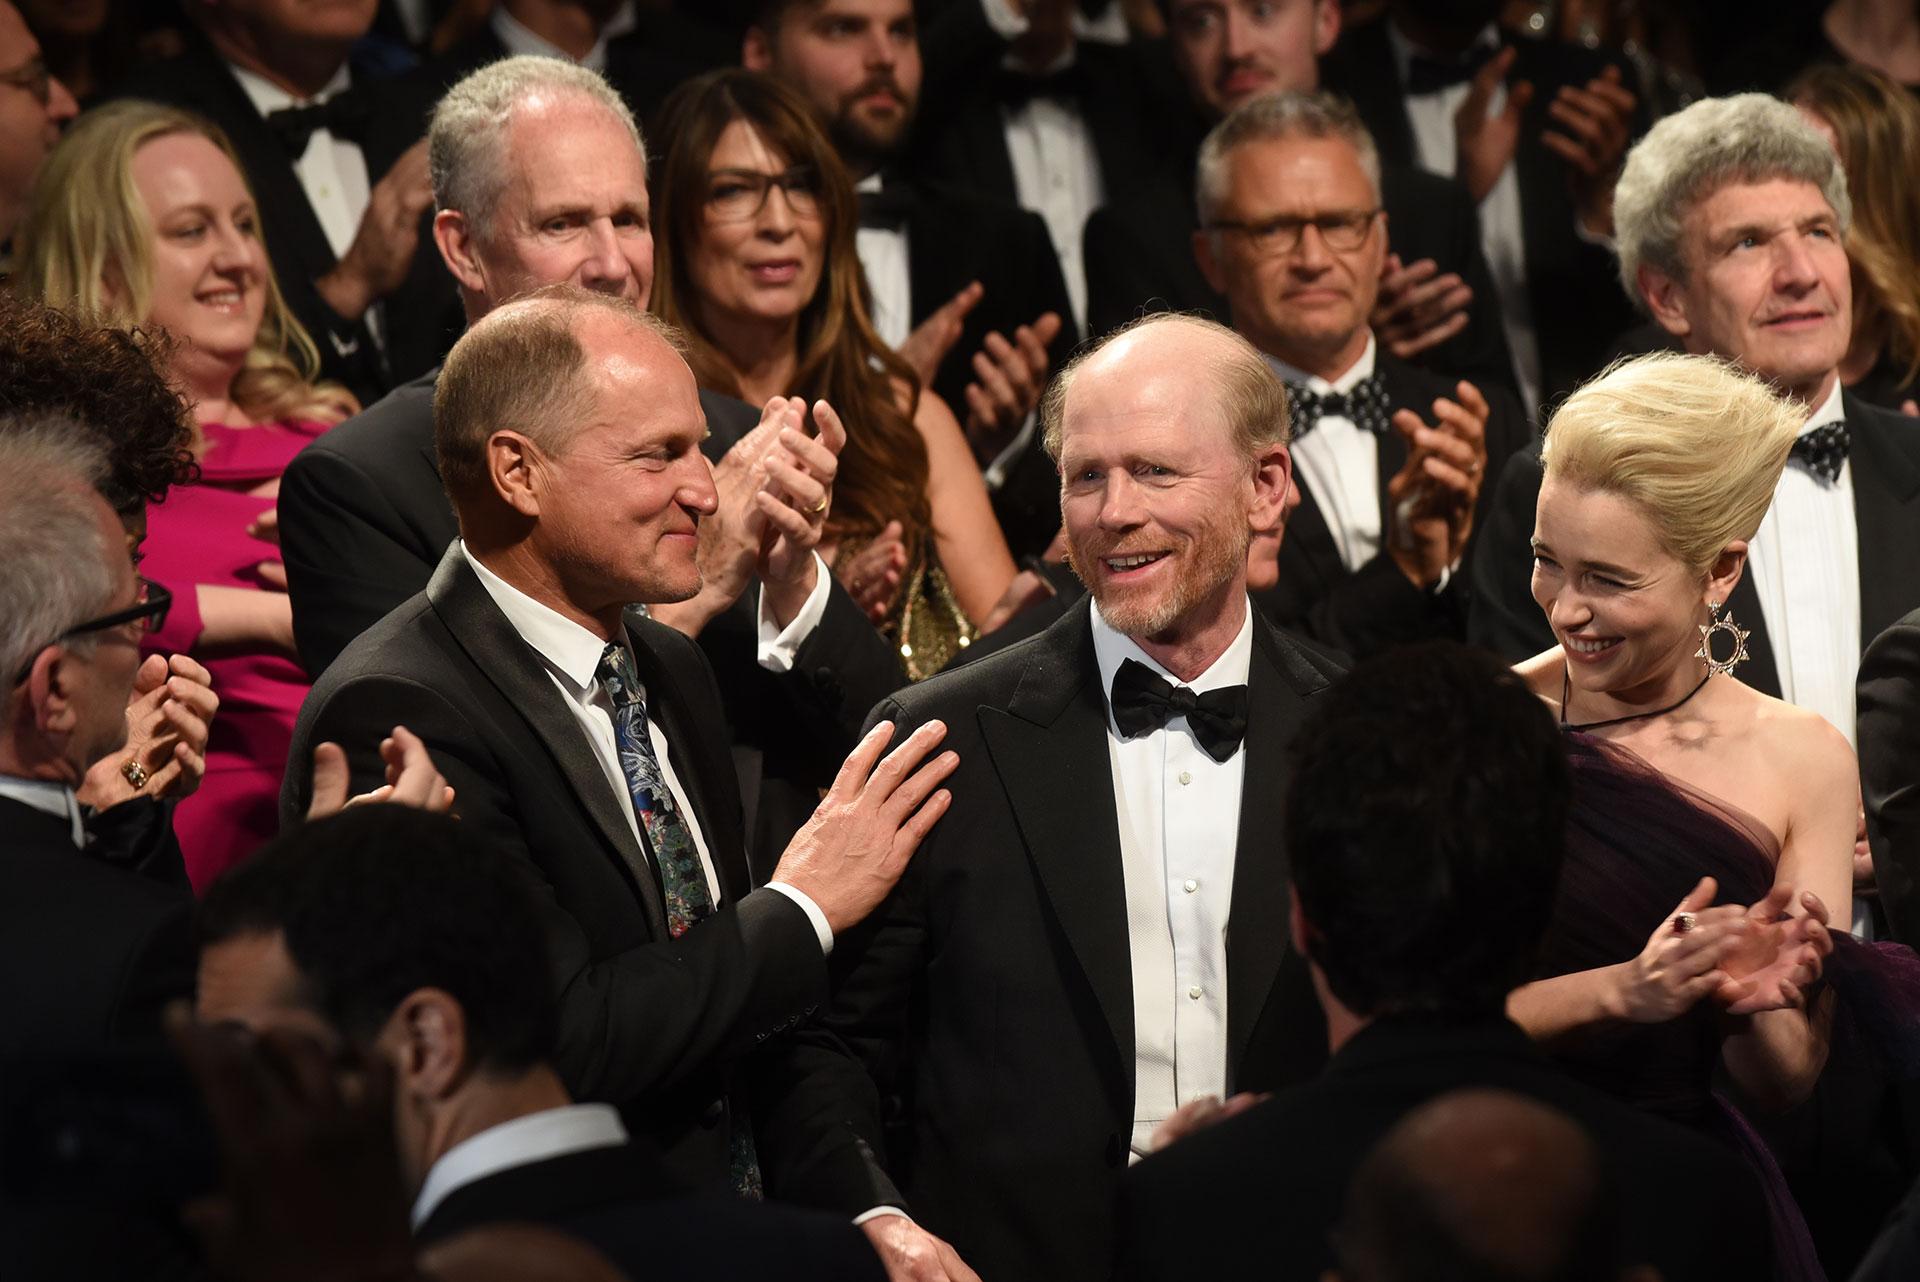 Woody Harrelson, el directoro Ron Howard y Emilia Clarke en Cannes (Foto por Serge)